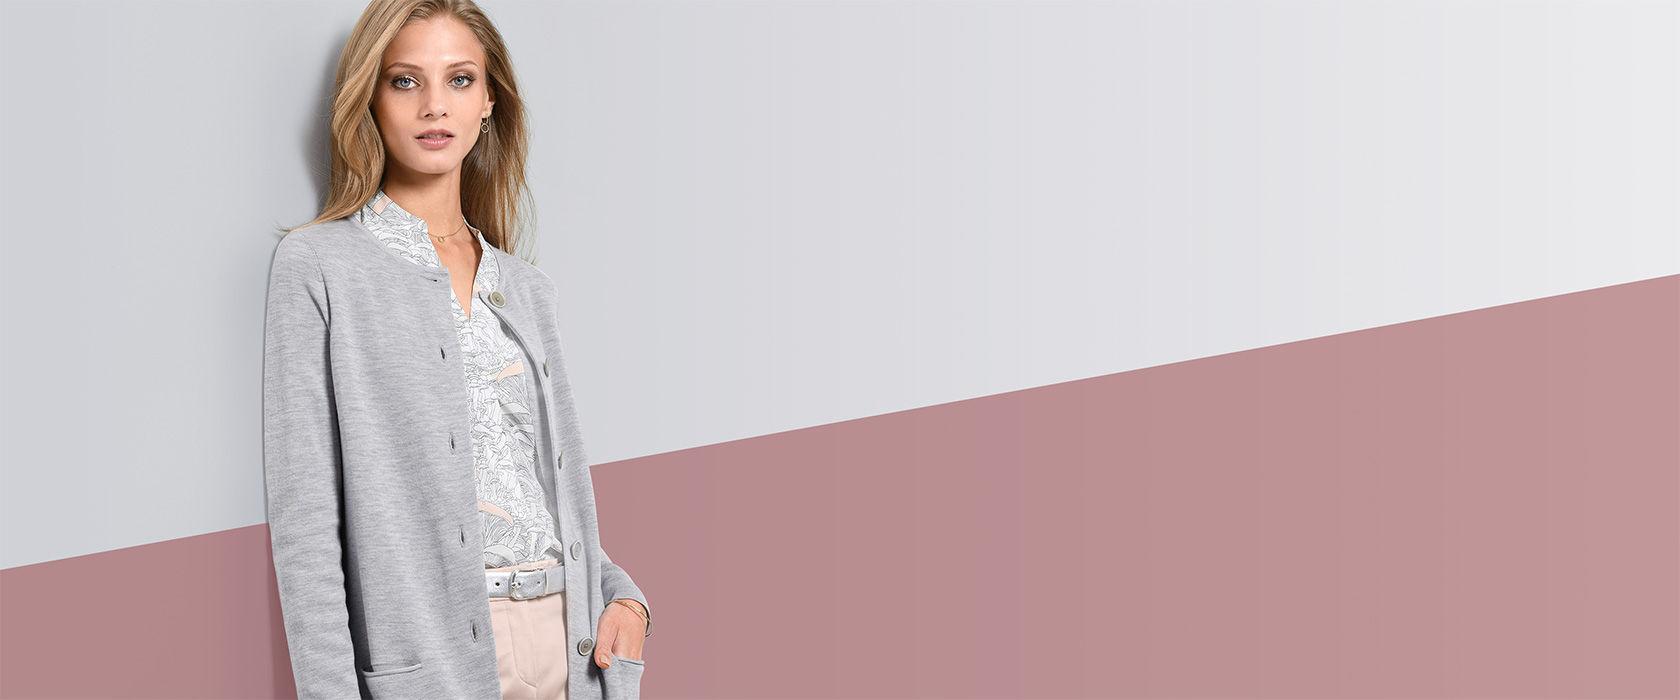 dc79333da885 Mode og mærkevaretøj - Shopping i Peter Hahns onlinebutik